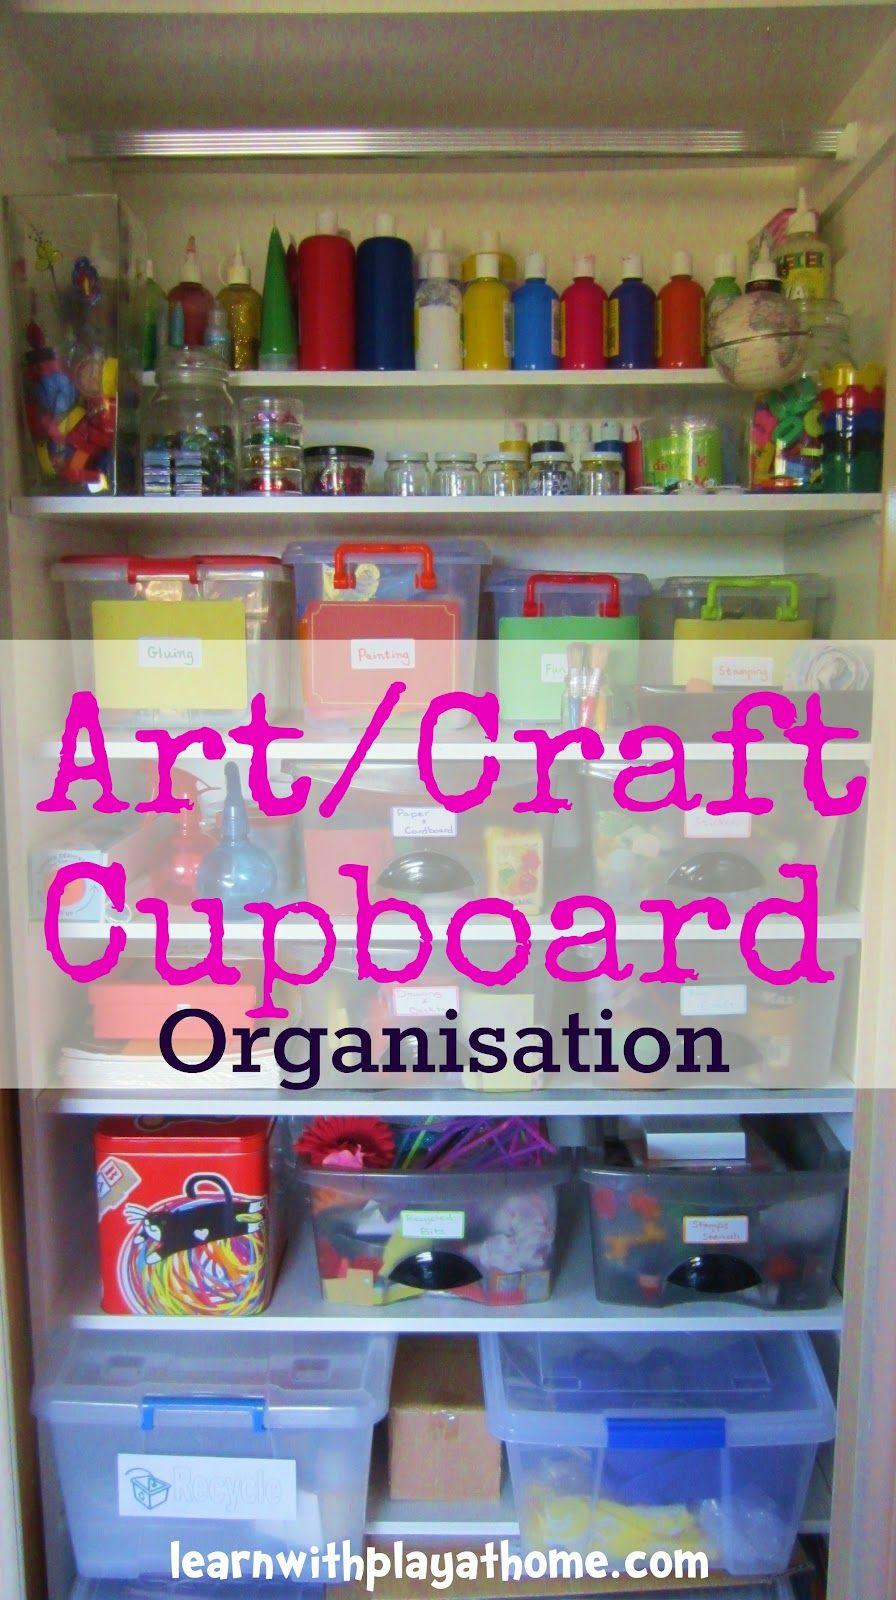 Organisation Ideas For An Art/Craft Cupboard